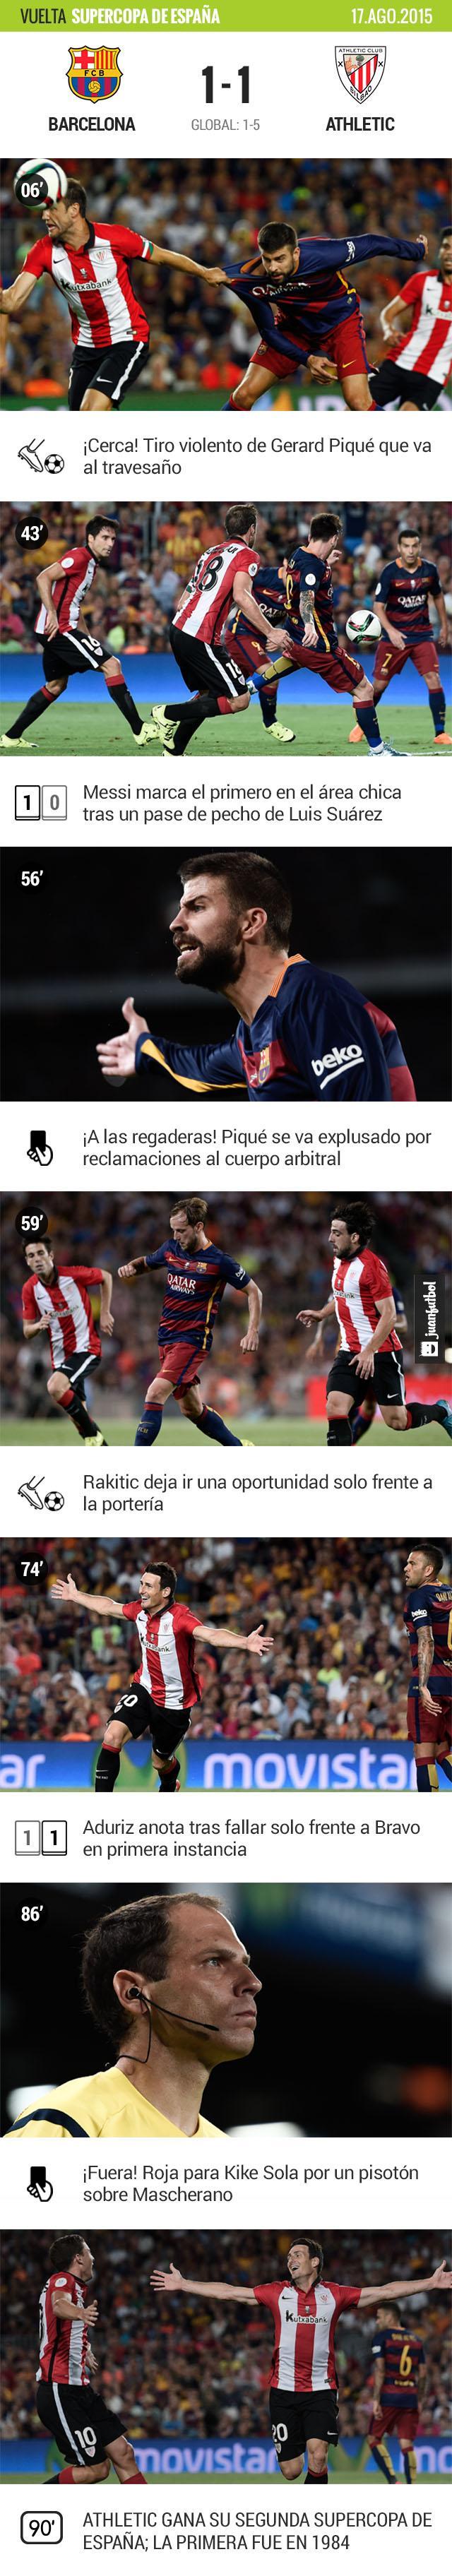 Barcelona no pudo remontar al Athletic, que se llevó su segunda Supercopa de España